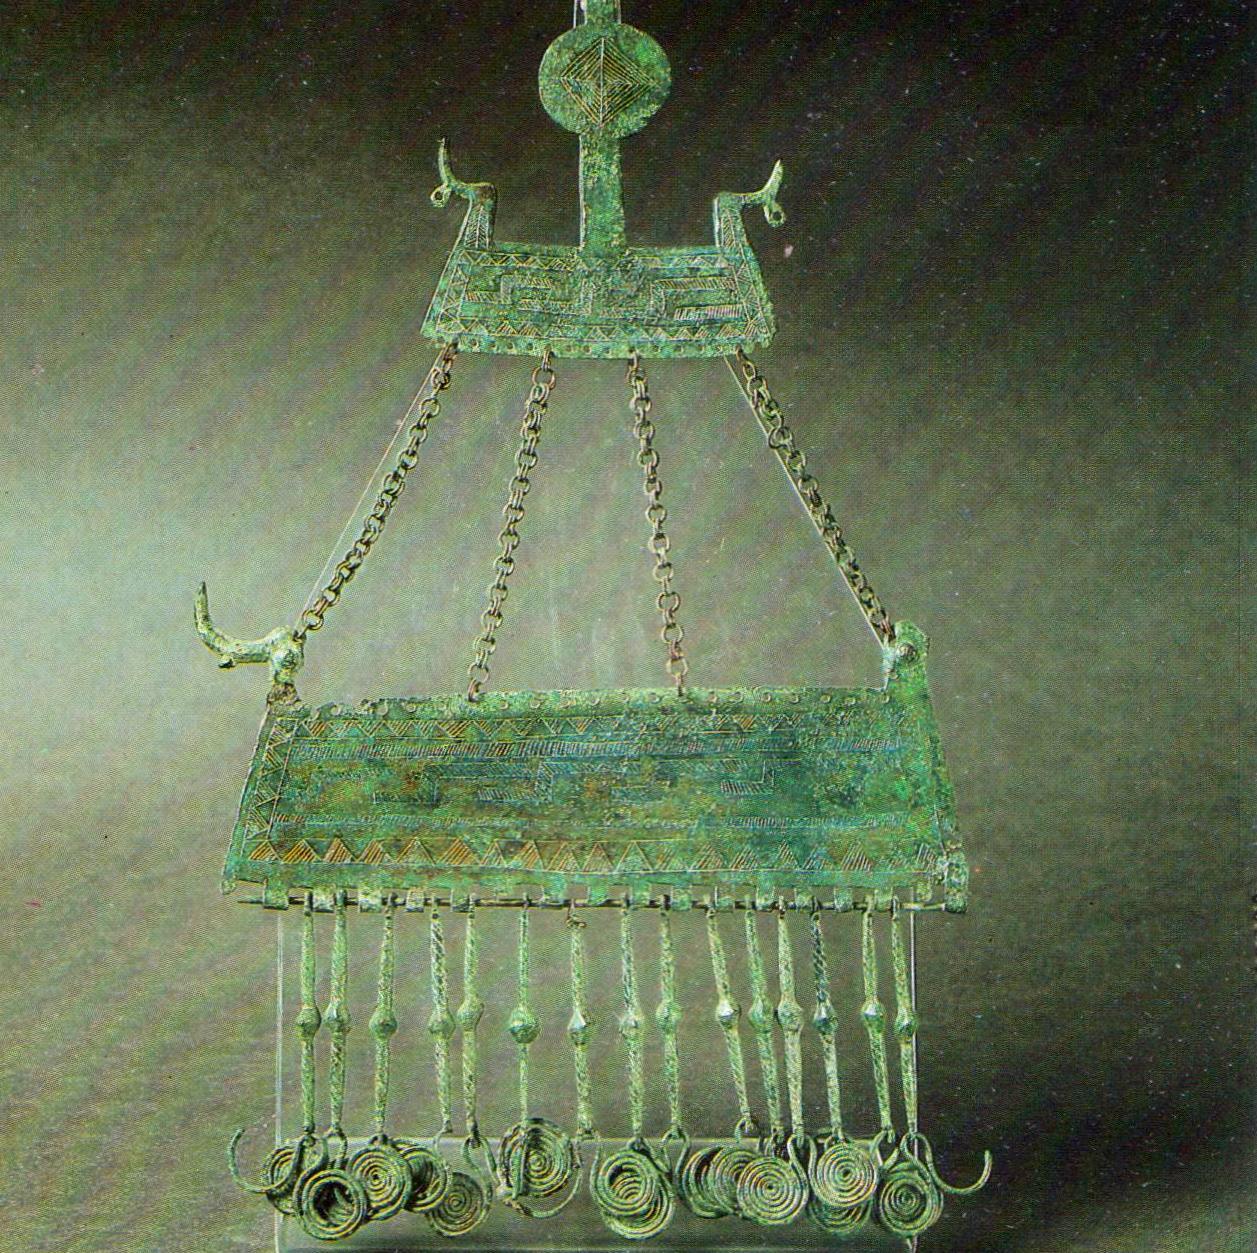 Museo Archeologico Nazionale delle Marche - pettorale con barca solare.jpg